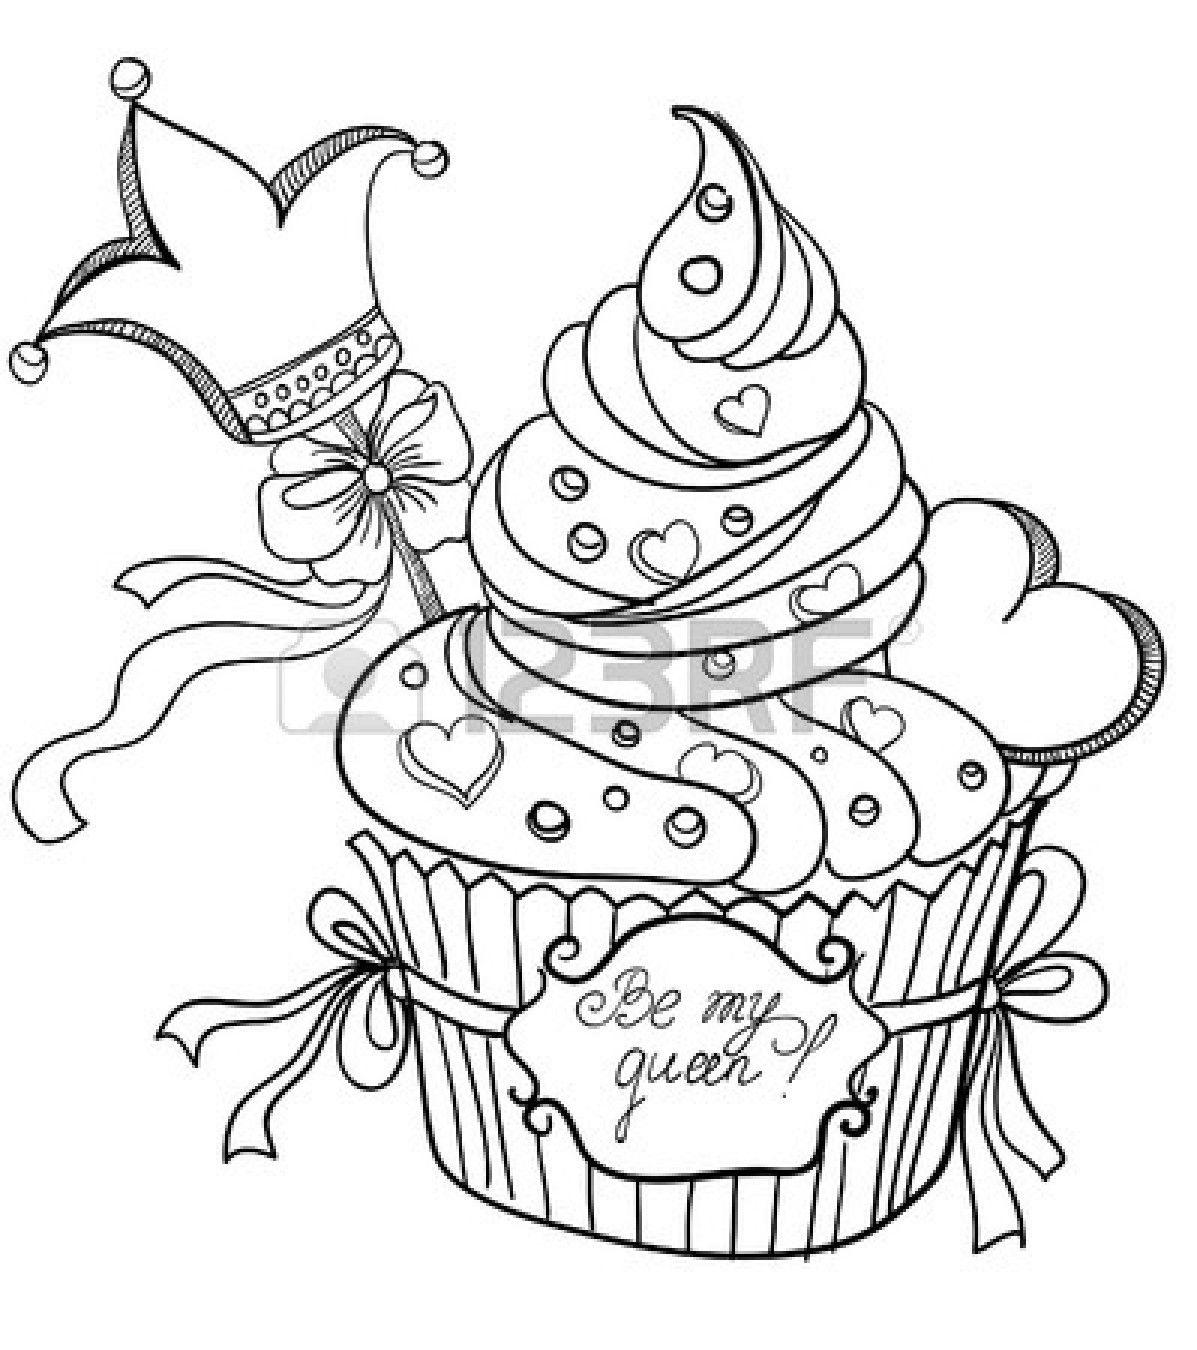 Mandala Vorlagen Ausmalen Silhouetten Stempel Zeichnen Erwachsenen Malvorlagen Malvorlagen Färbung Bücher Geburtstag Malvorlagen Muster Malvorlagen